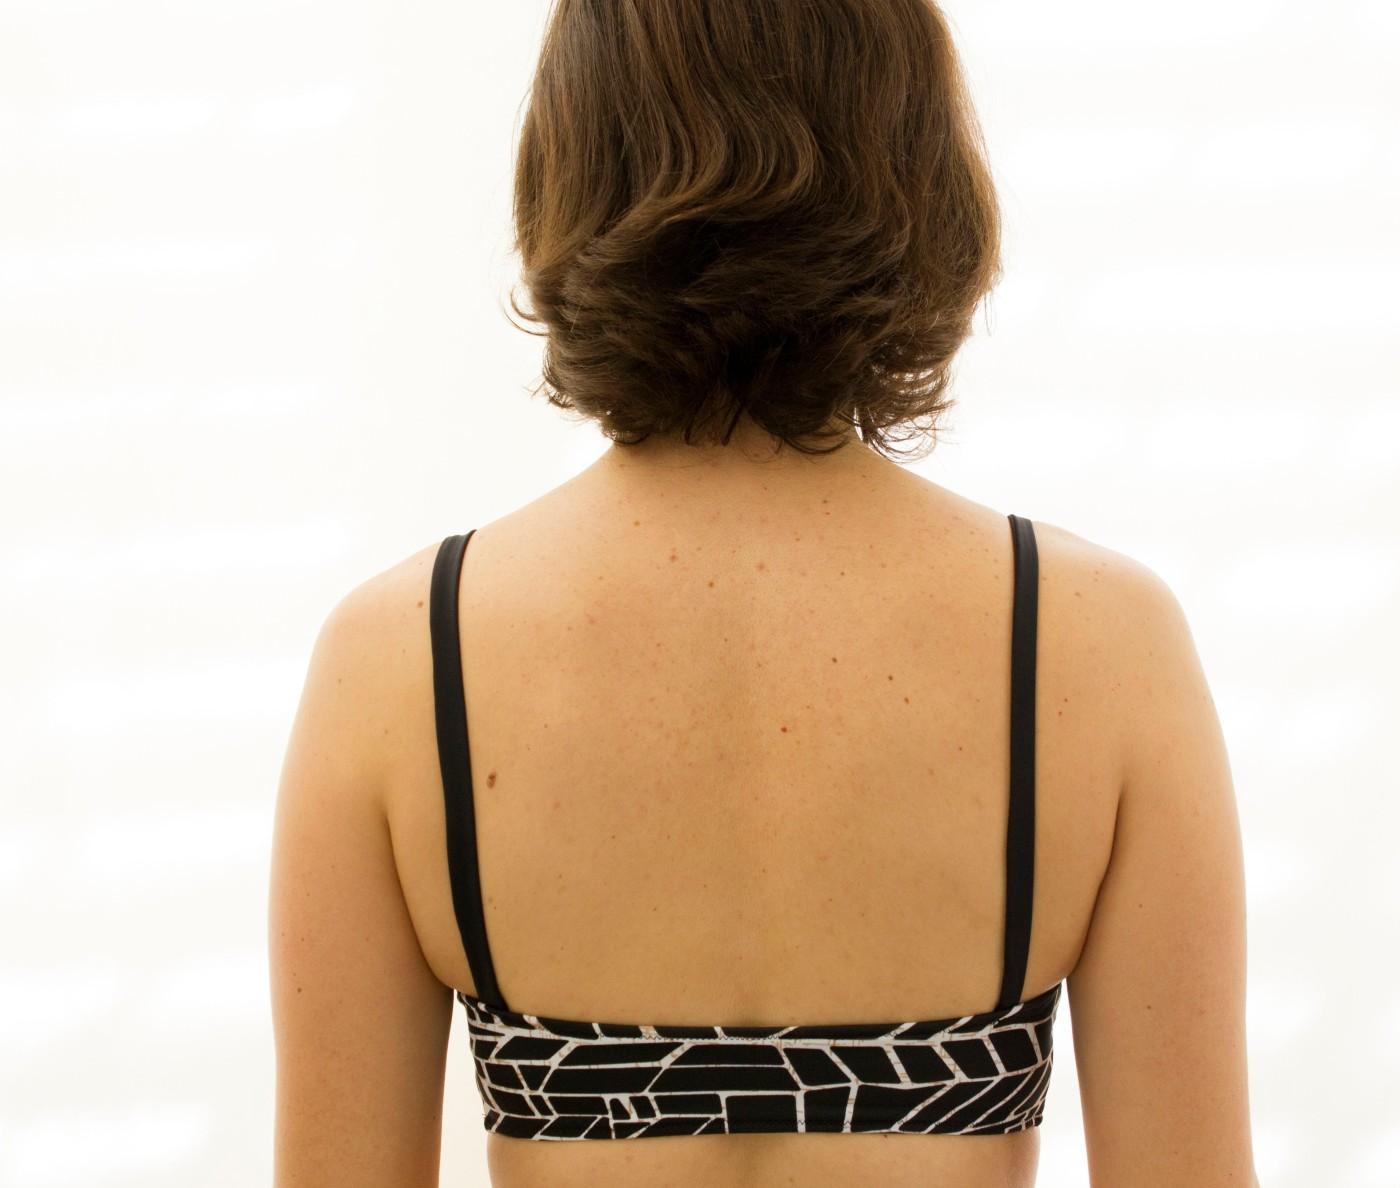 somaswimsuit 7